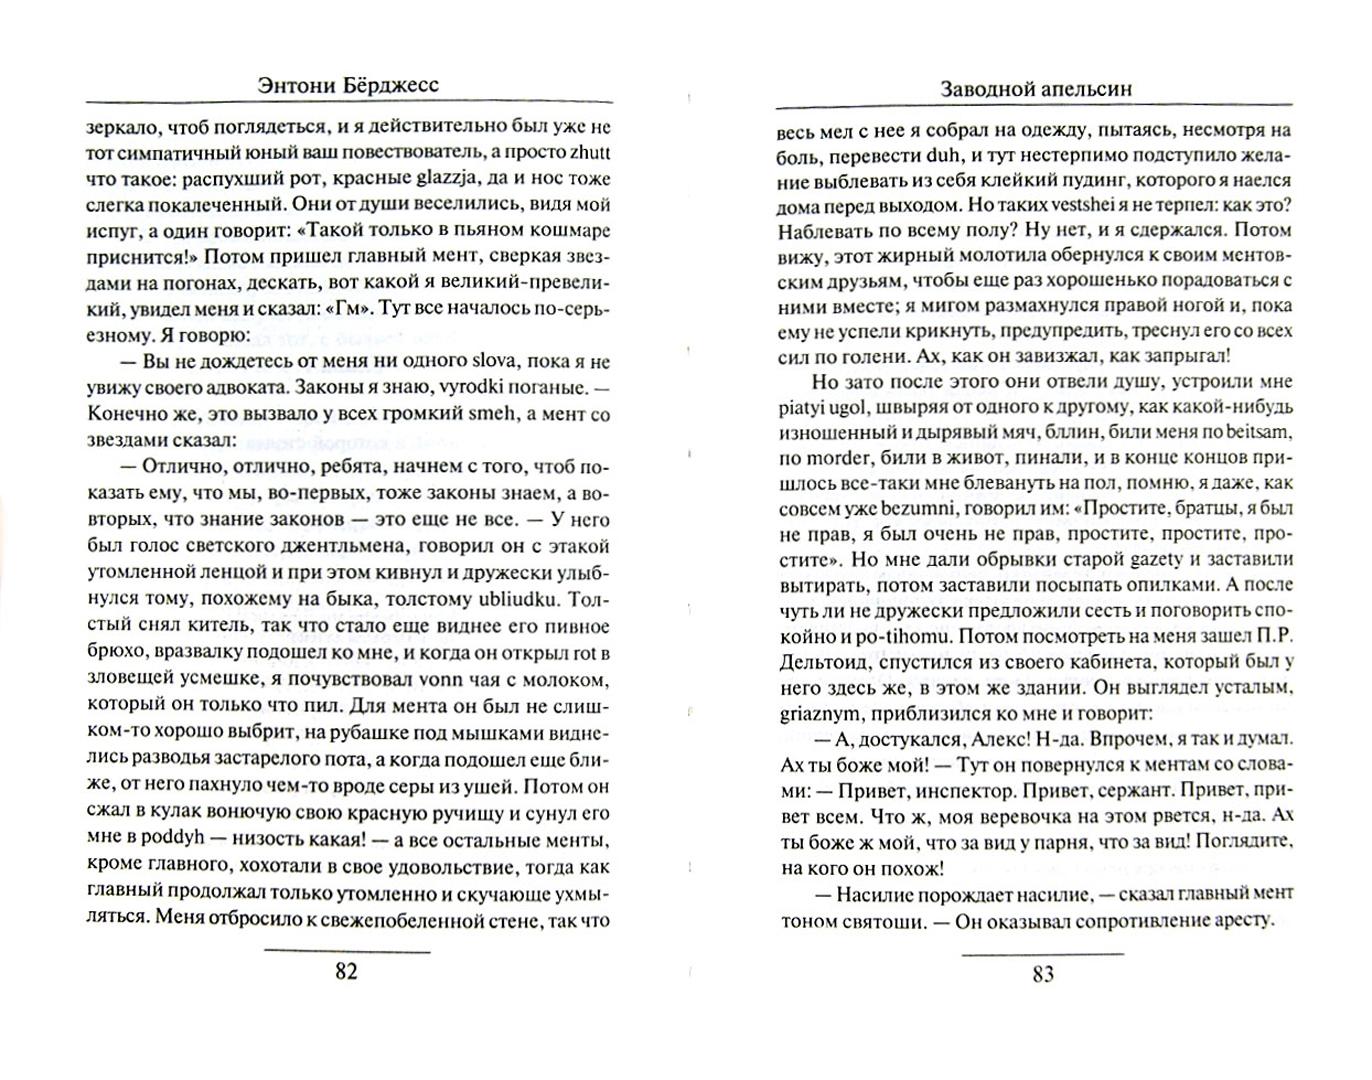 Иллюстрация 1 из 7 для Заводной апельсин - Энтони Берджесс | Лабиринт - книги. Источник: Лабиринт